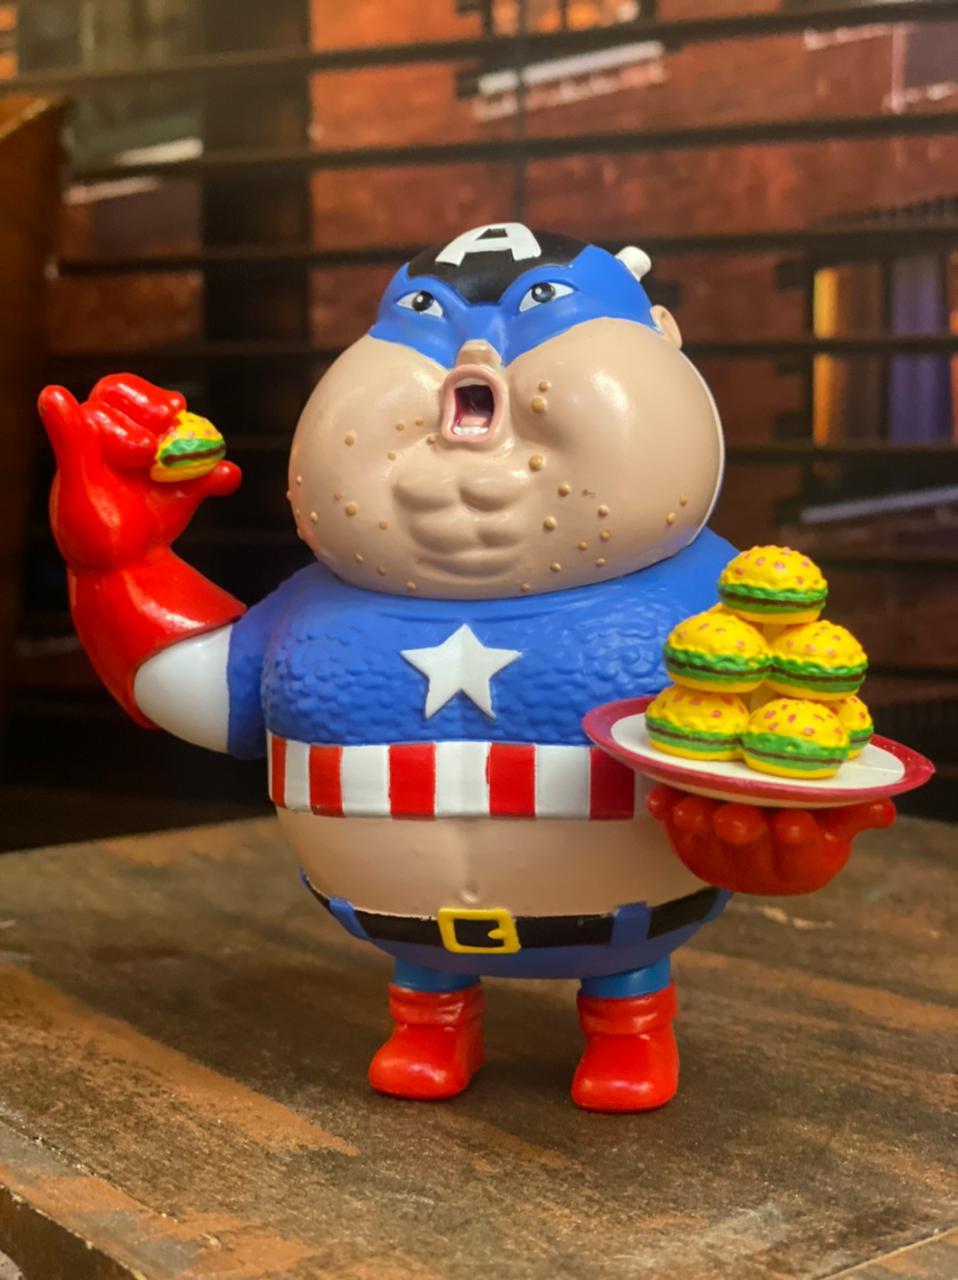 Estátua Capitão America Gordo Fat Captain America: Marvel  Vingadores Avengers #004 - Chubbiness - EVALI